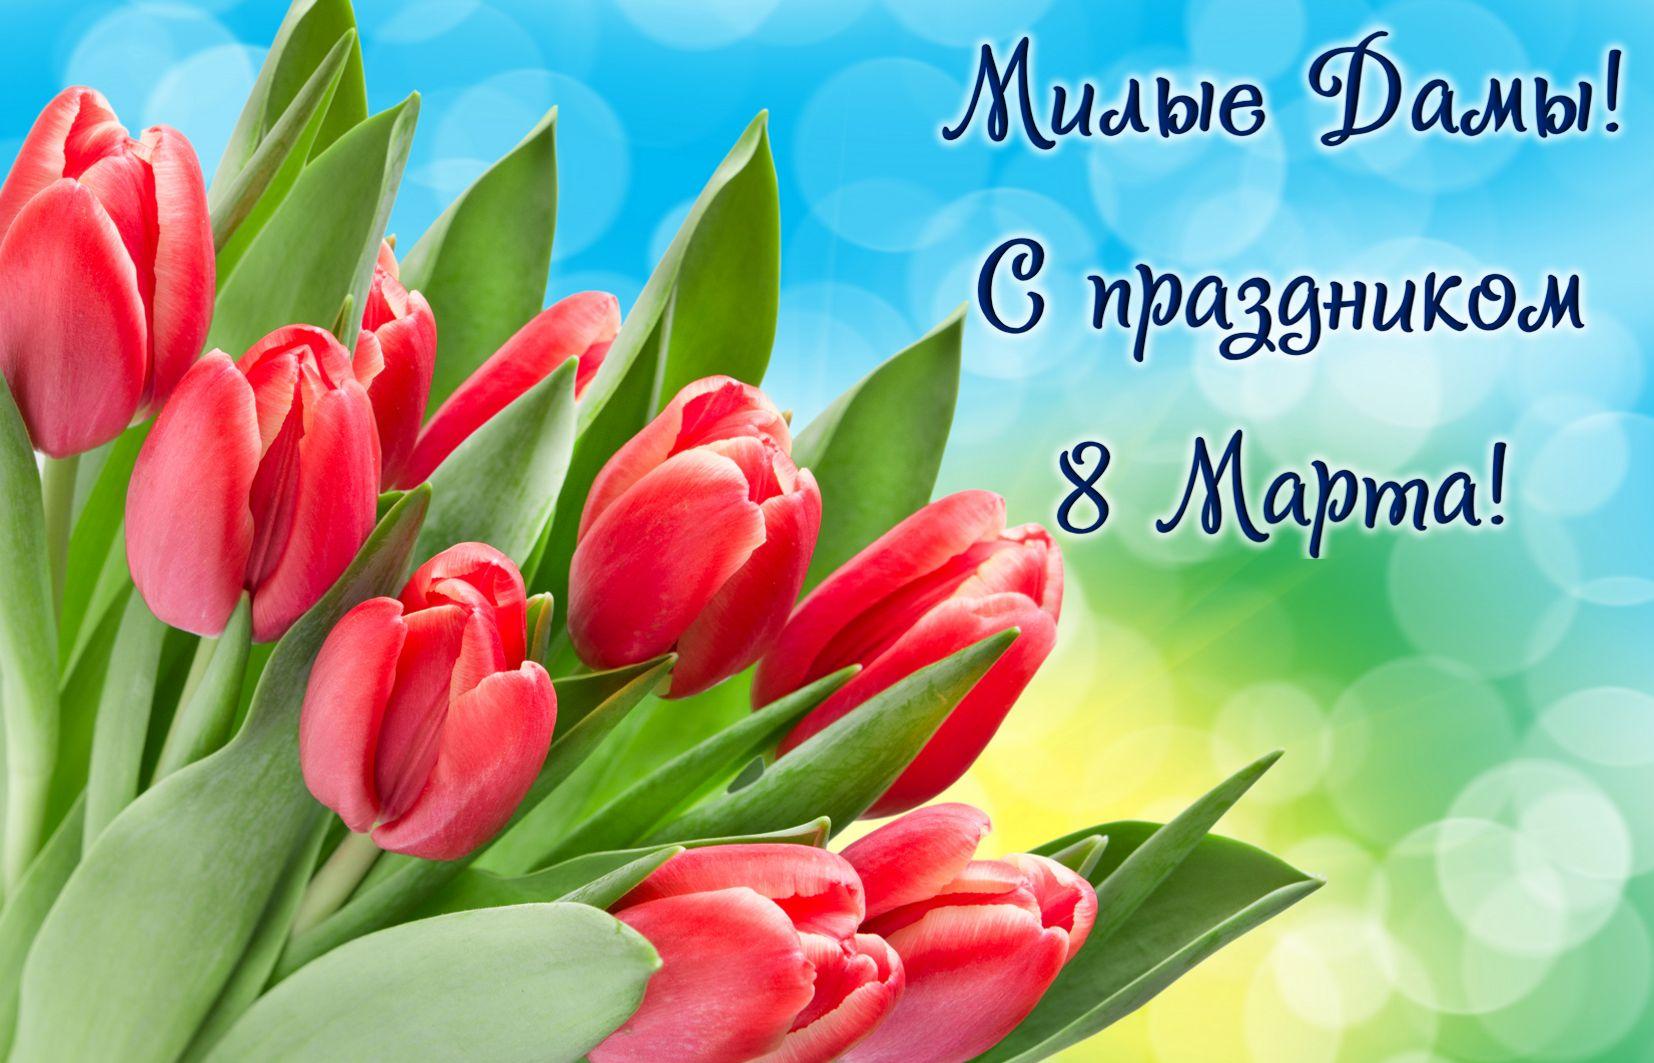 Открытка с 8 марта - красные тюльпаны для милых дам